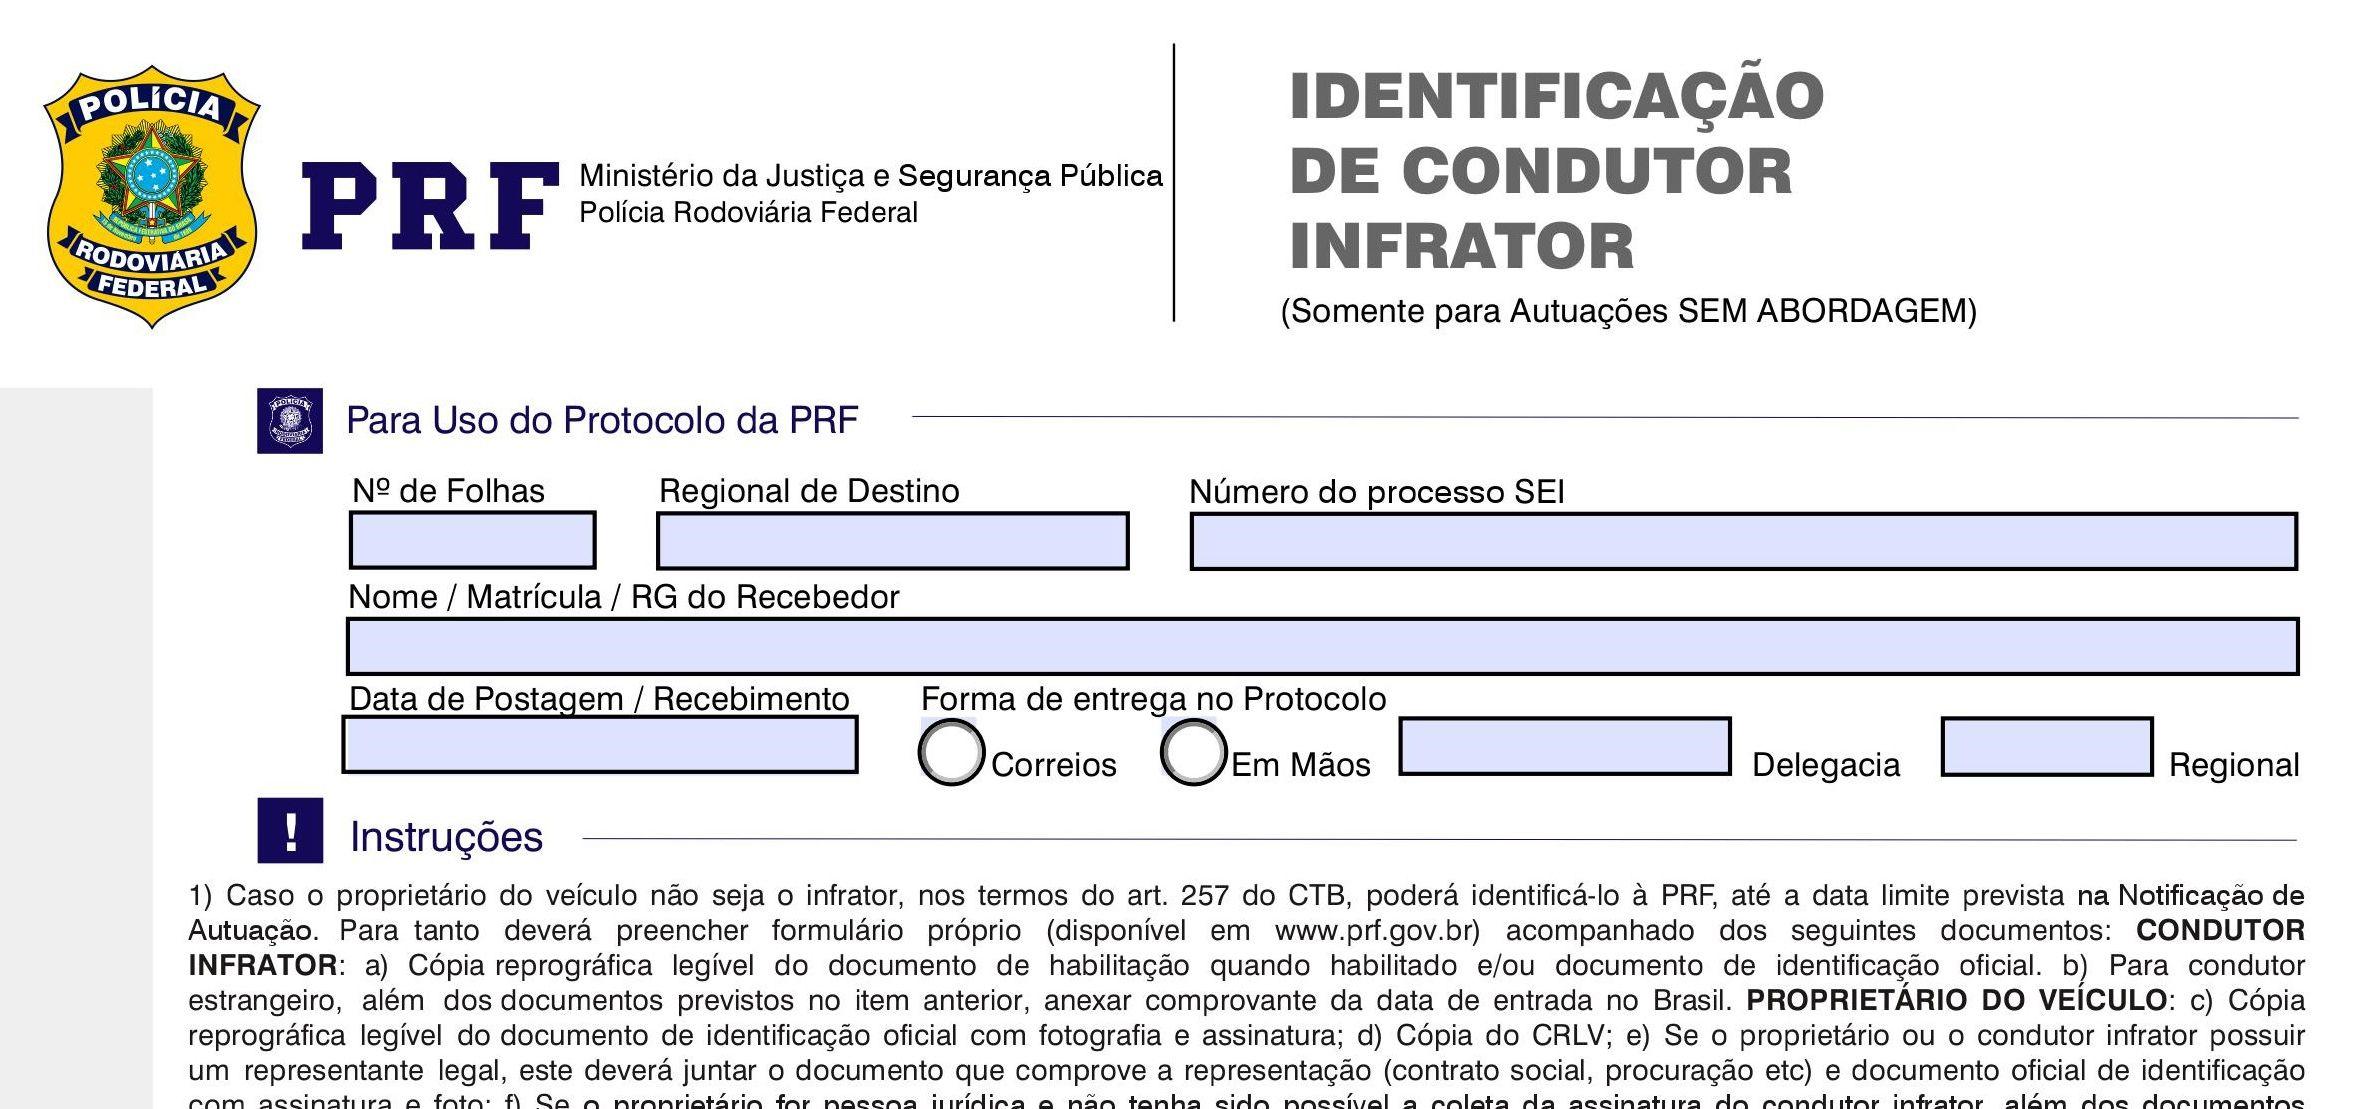 imagem formulario de identificacao do condutor